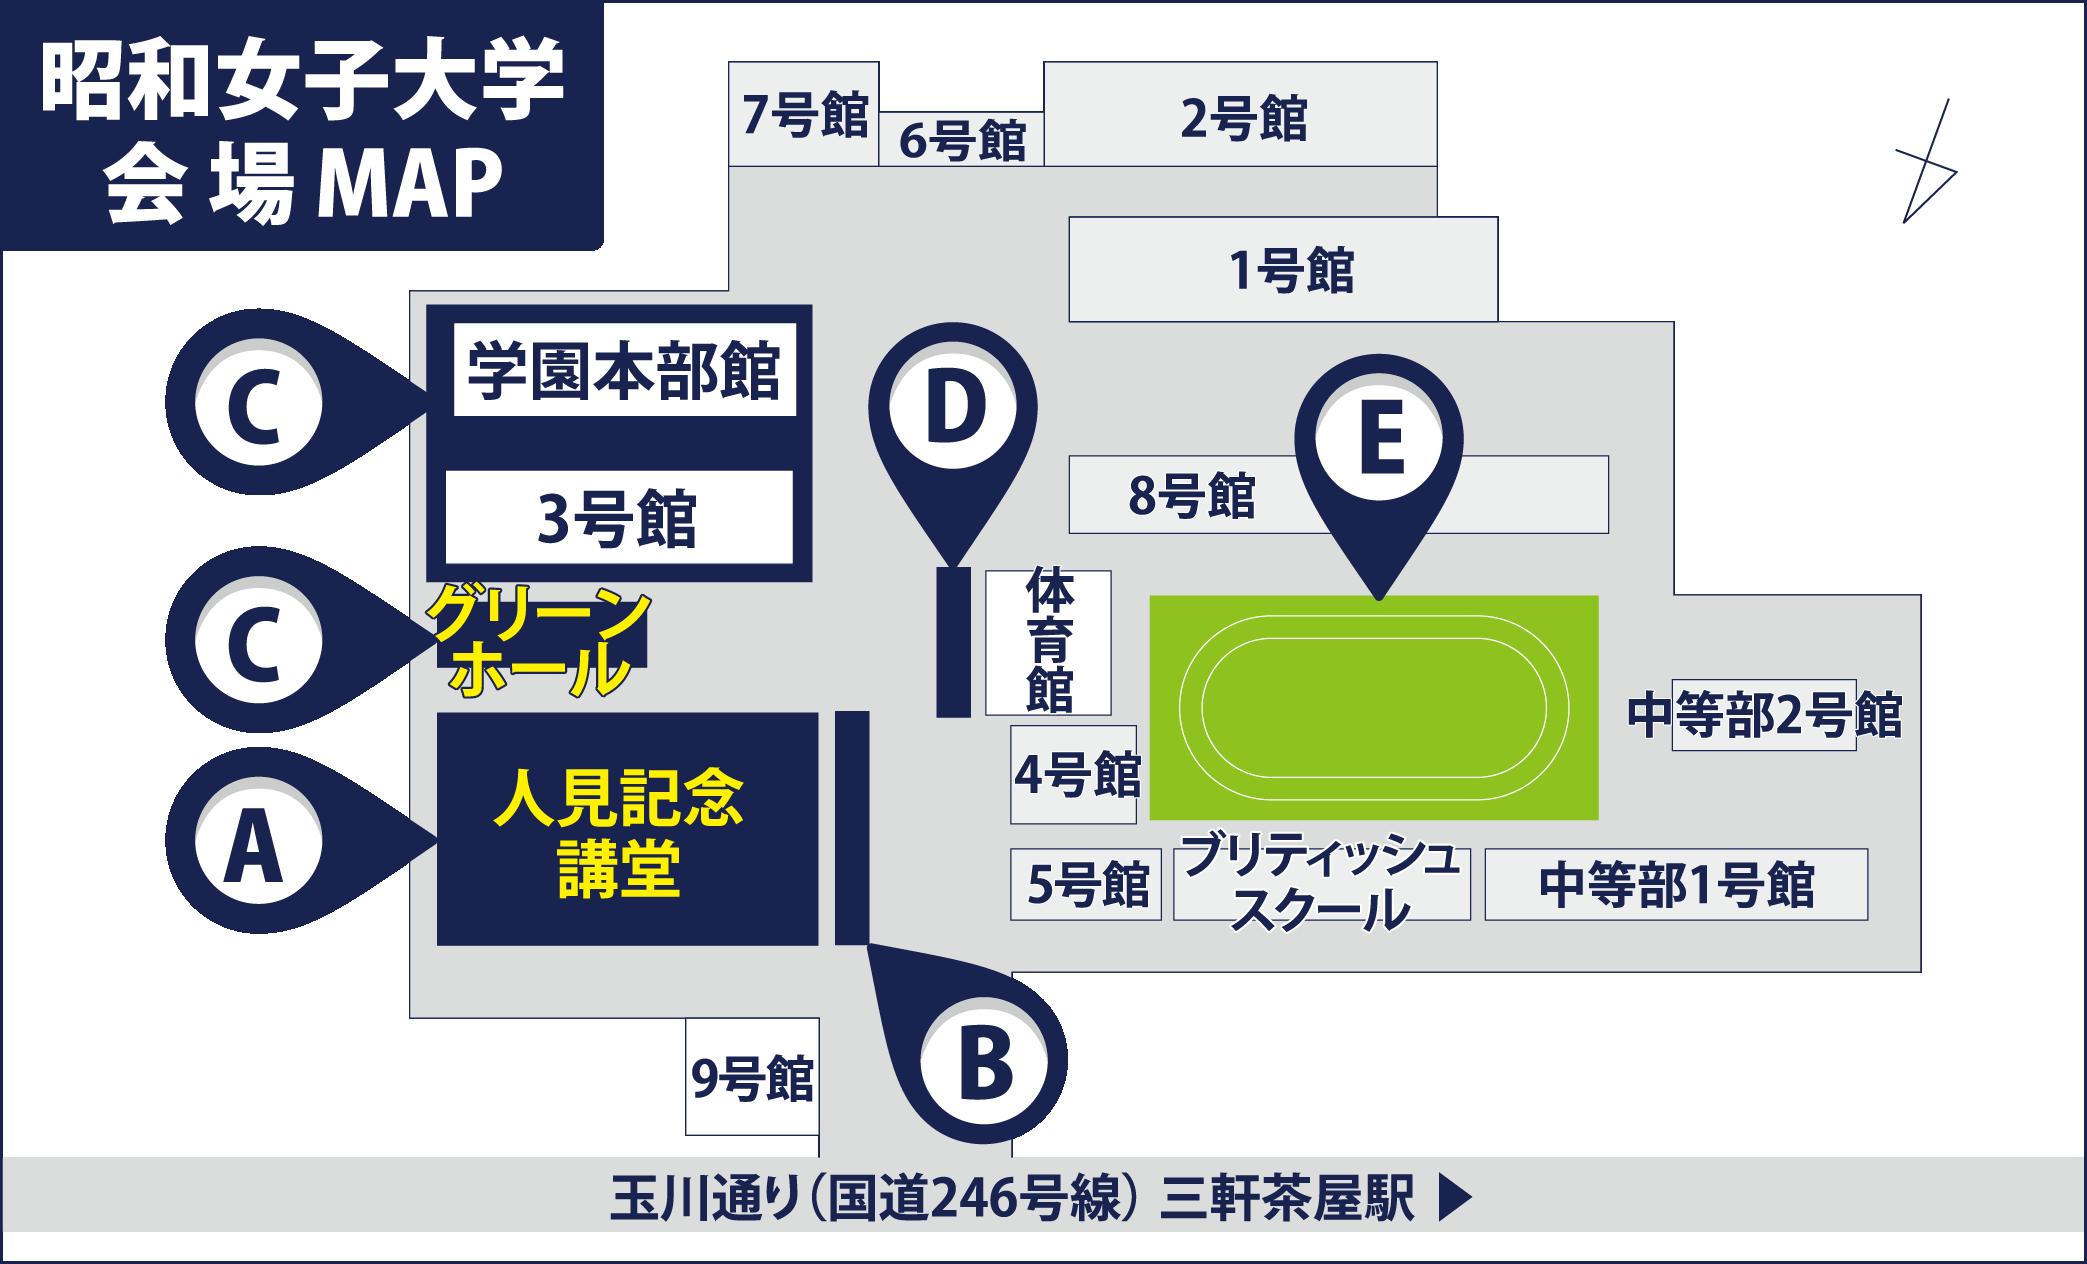 showa_map